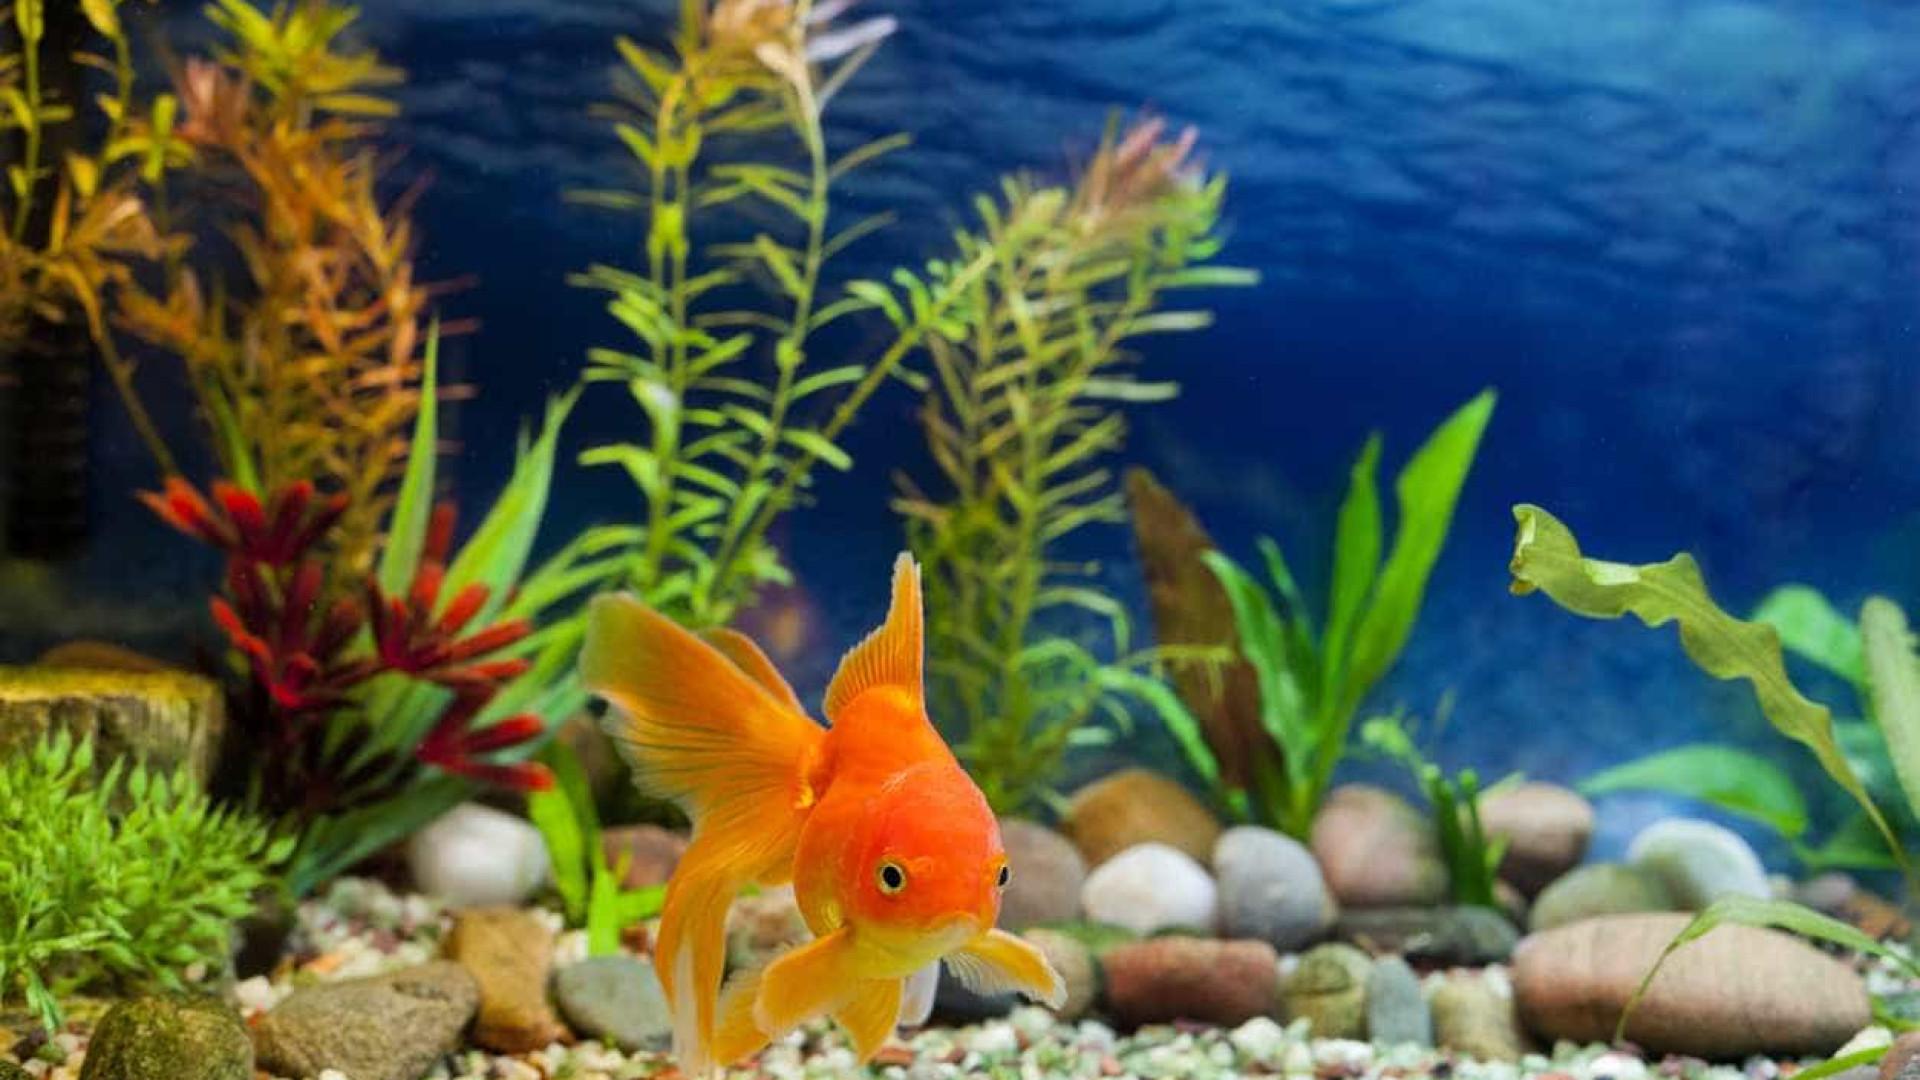 SABIA QUE os peixinhos dourados são bem sujinhos?